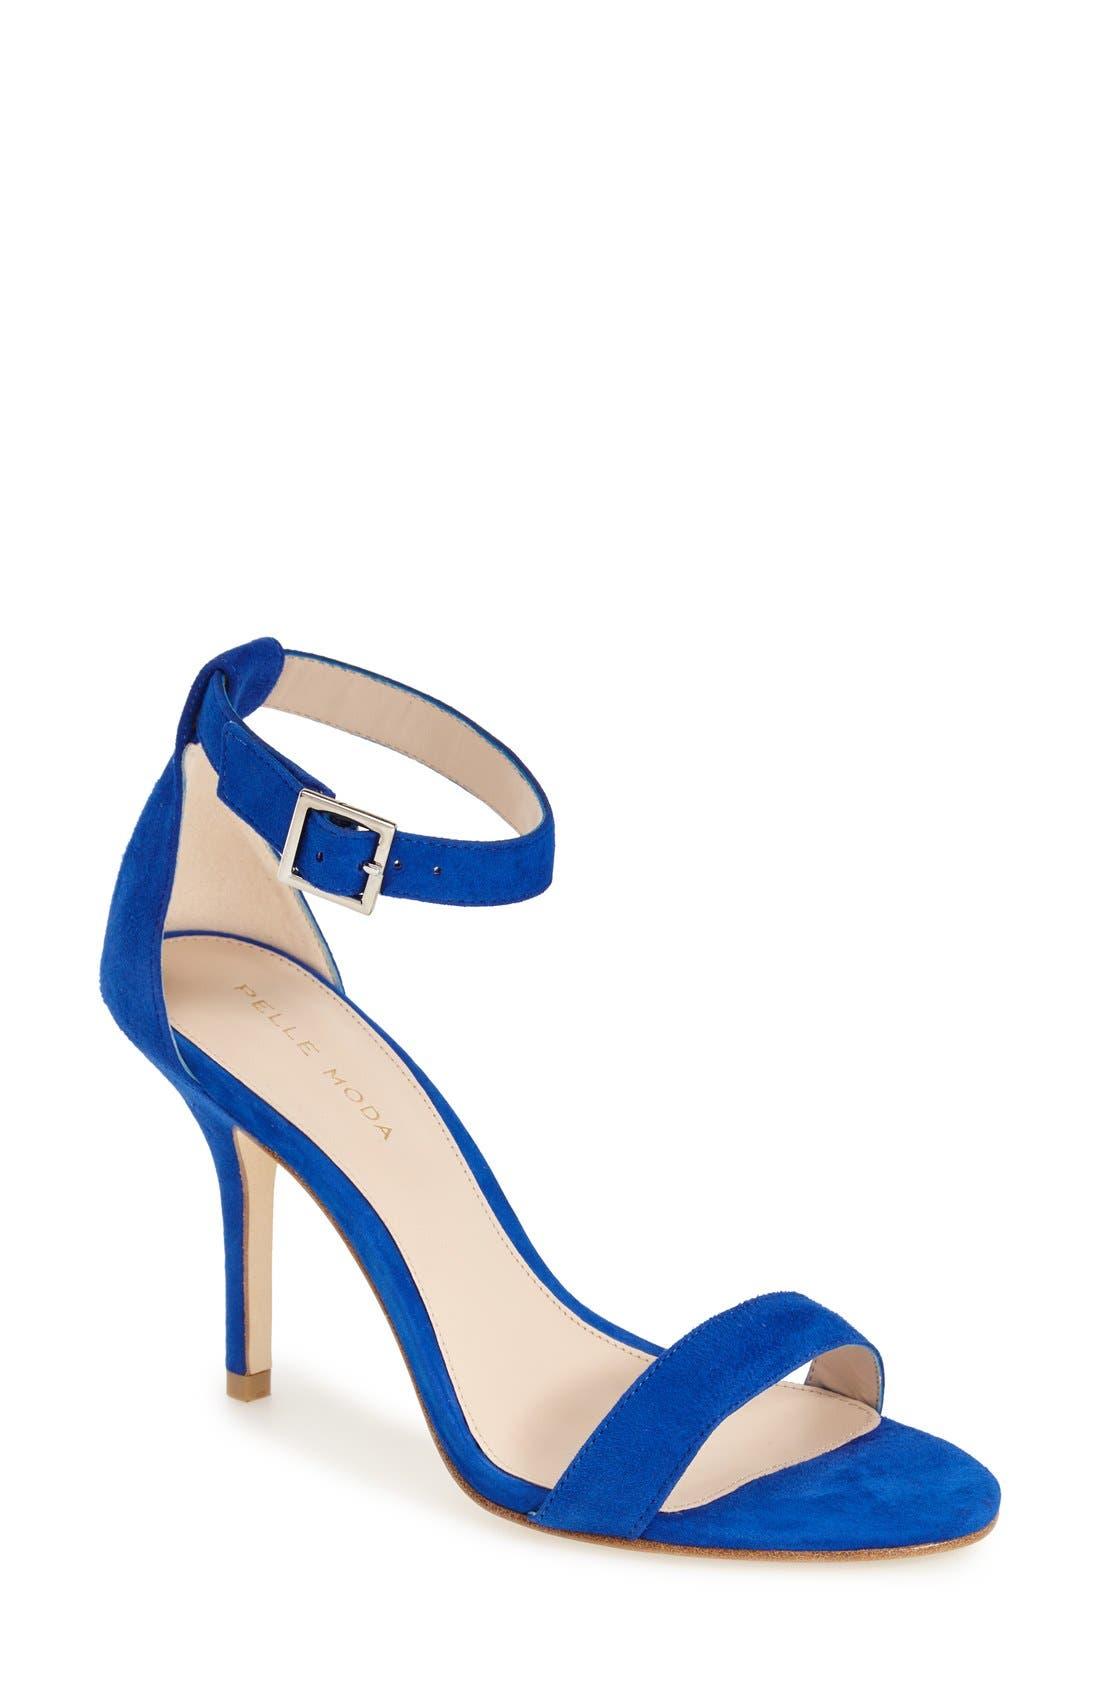 Alternate Image 1 Selected - Pelle Moda 'Kacey' Sandal